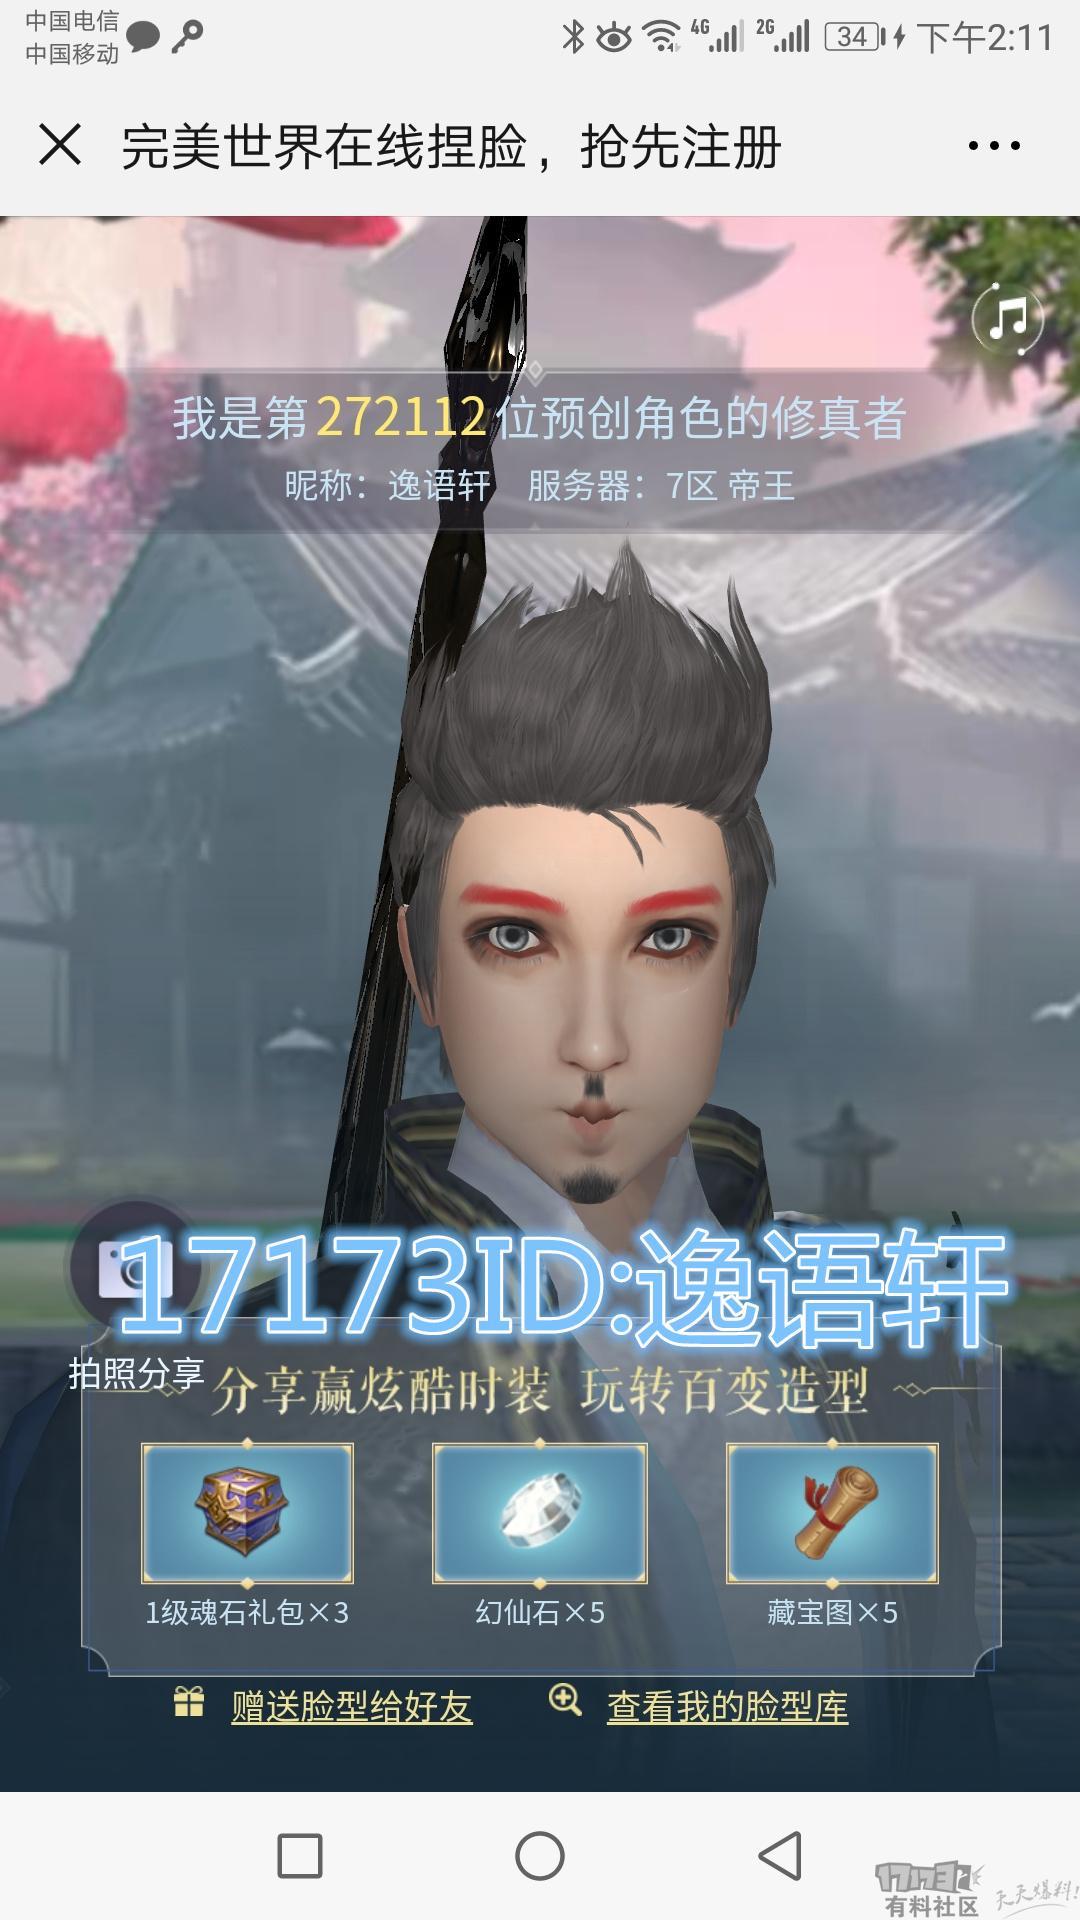 Screenshot_20190222-141156_副本.jpg